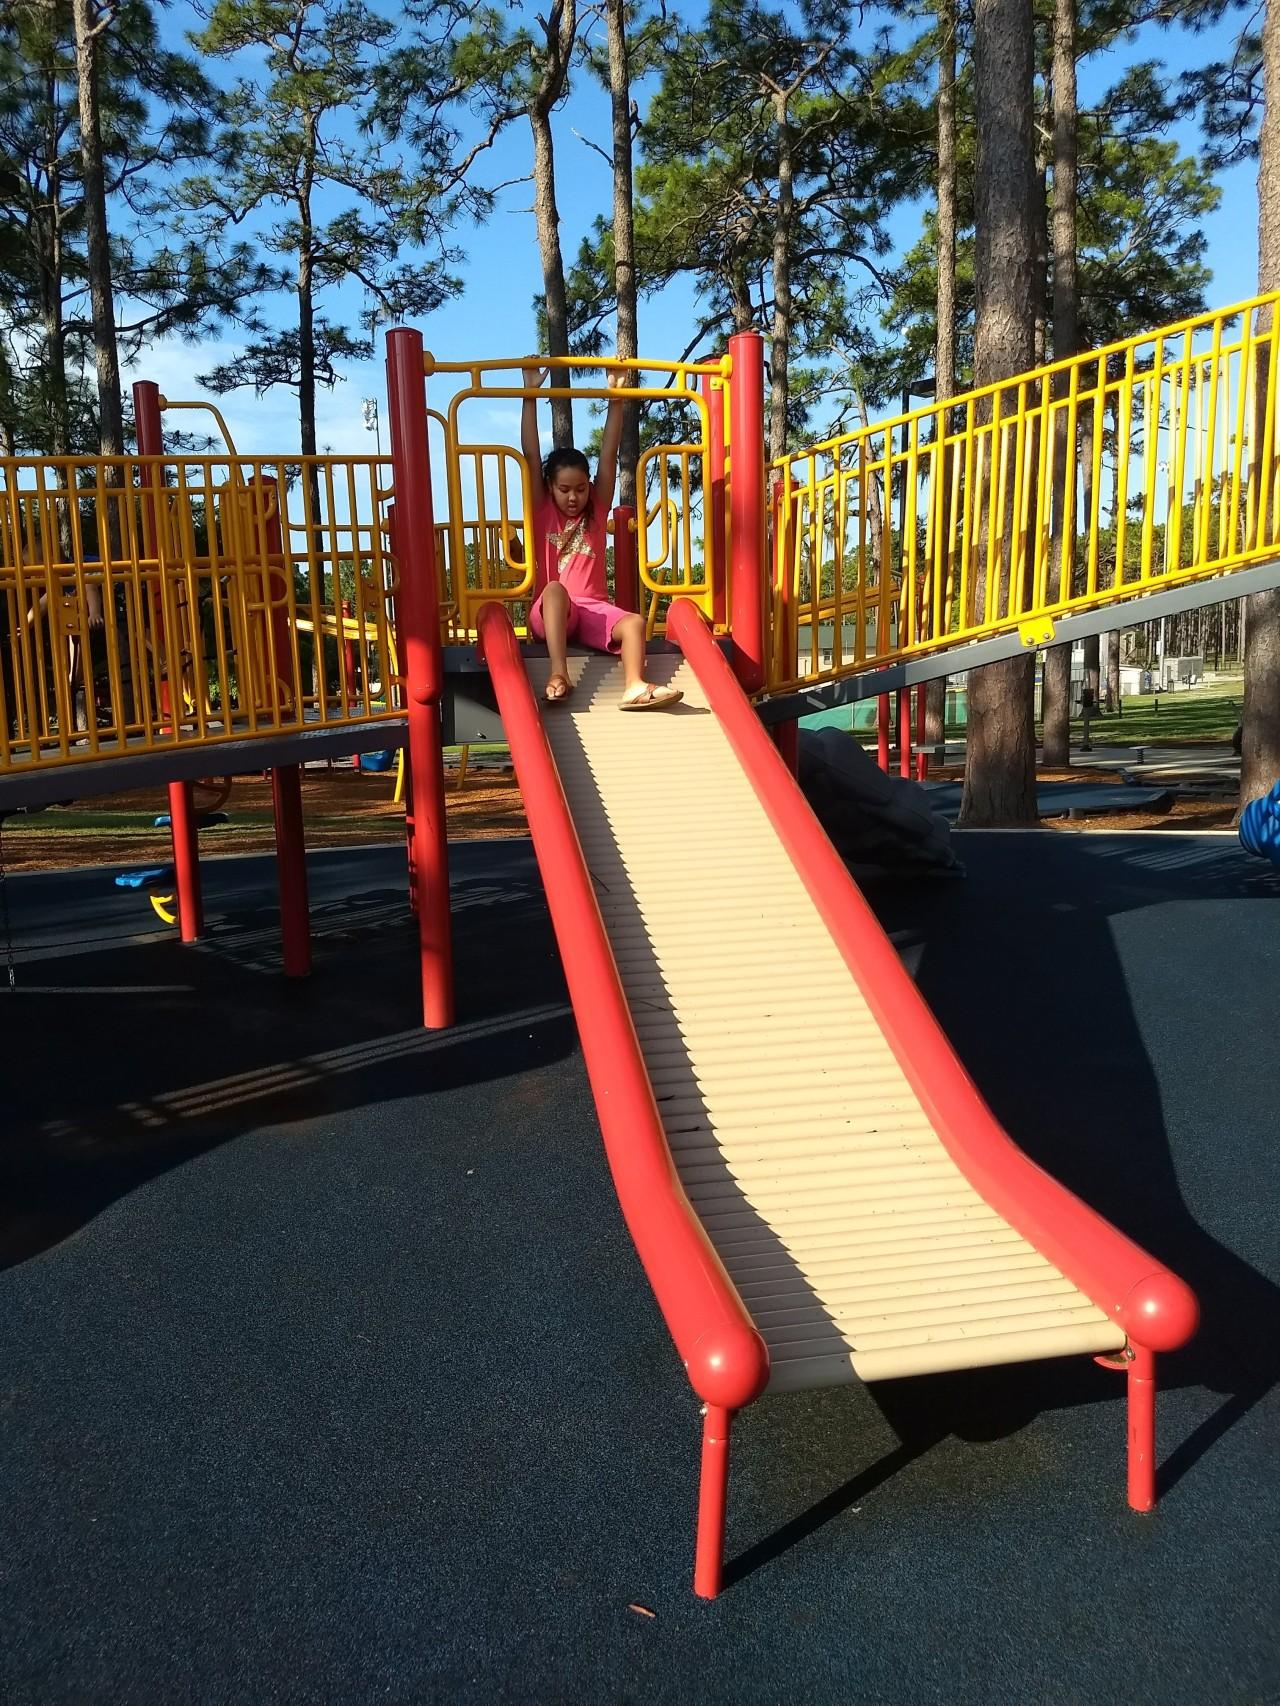 Hugh MacRae Park in Wilmington,NC